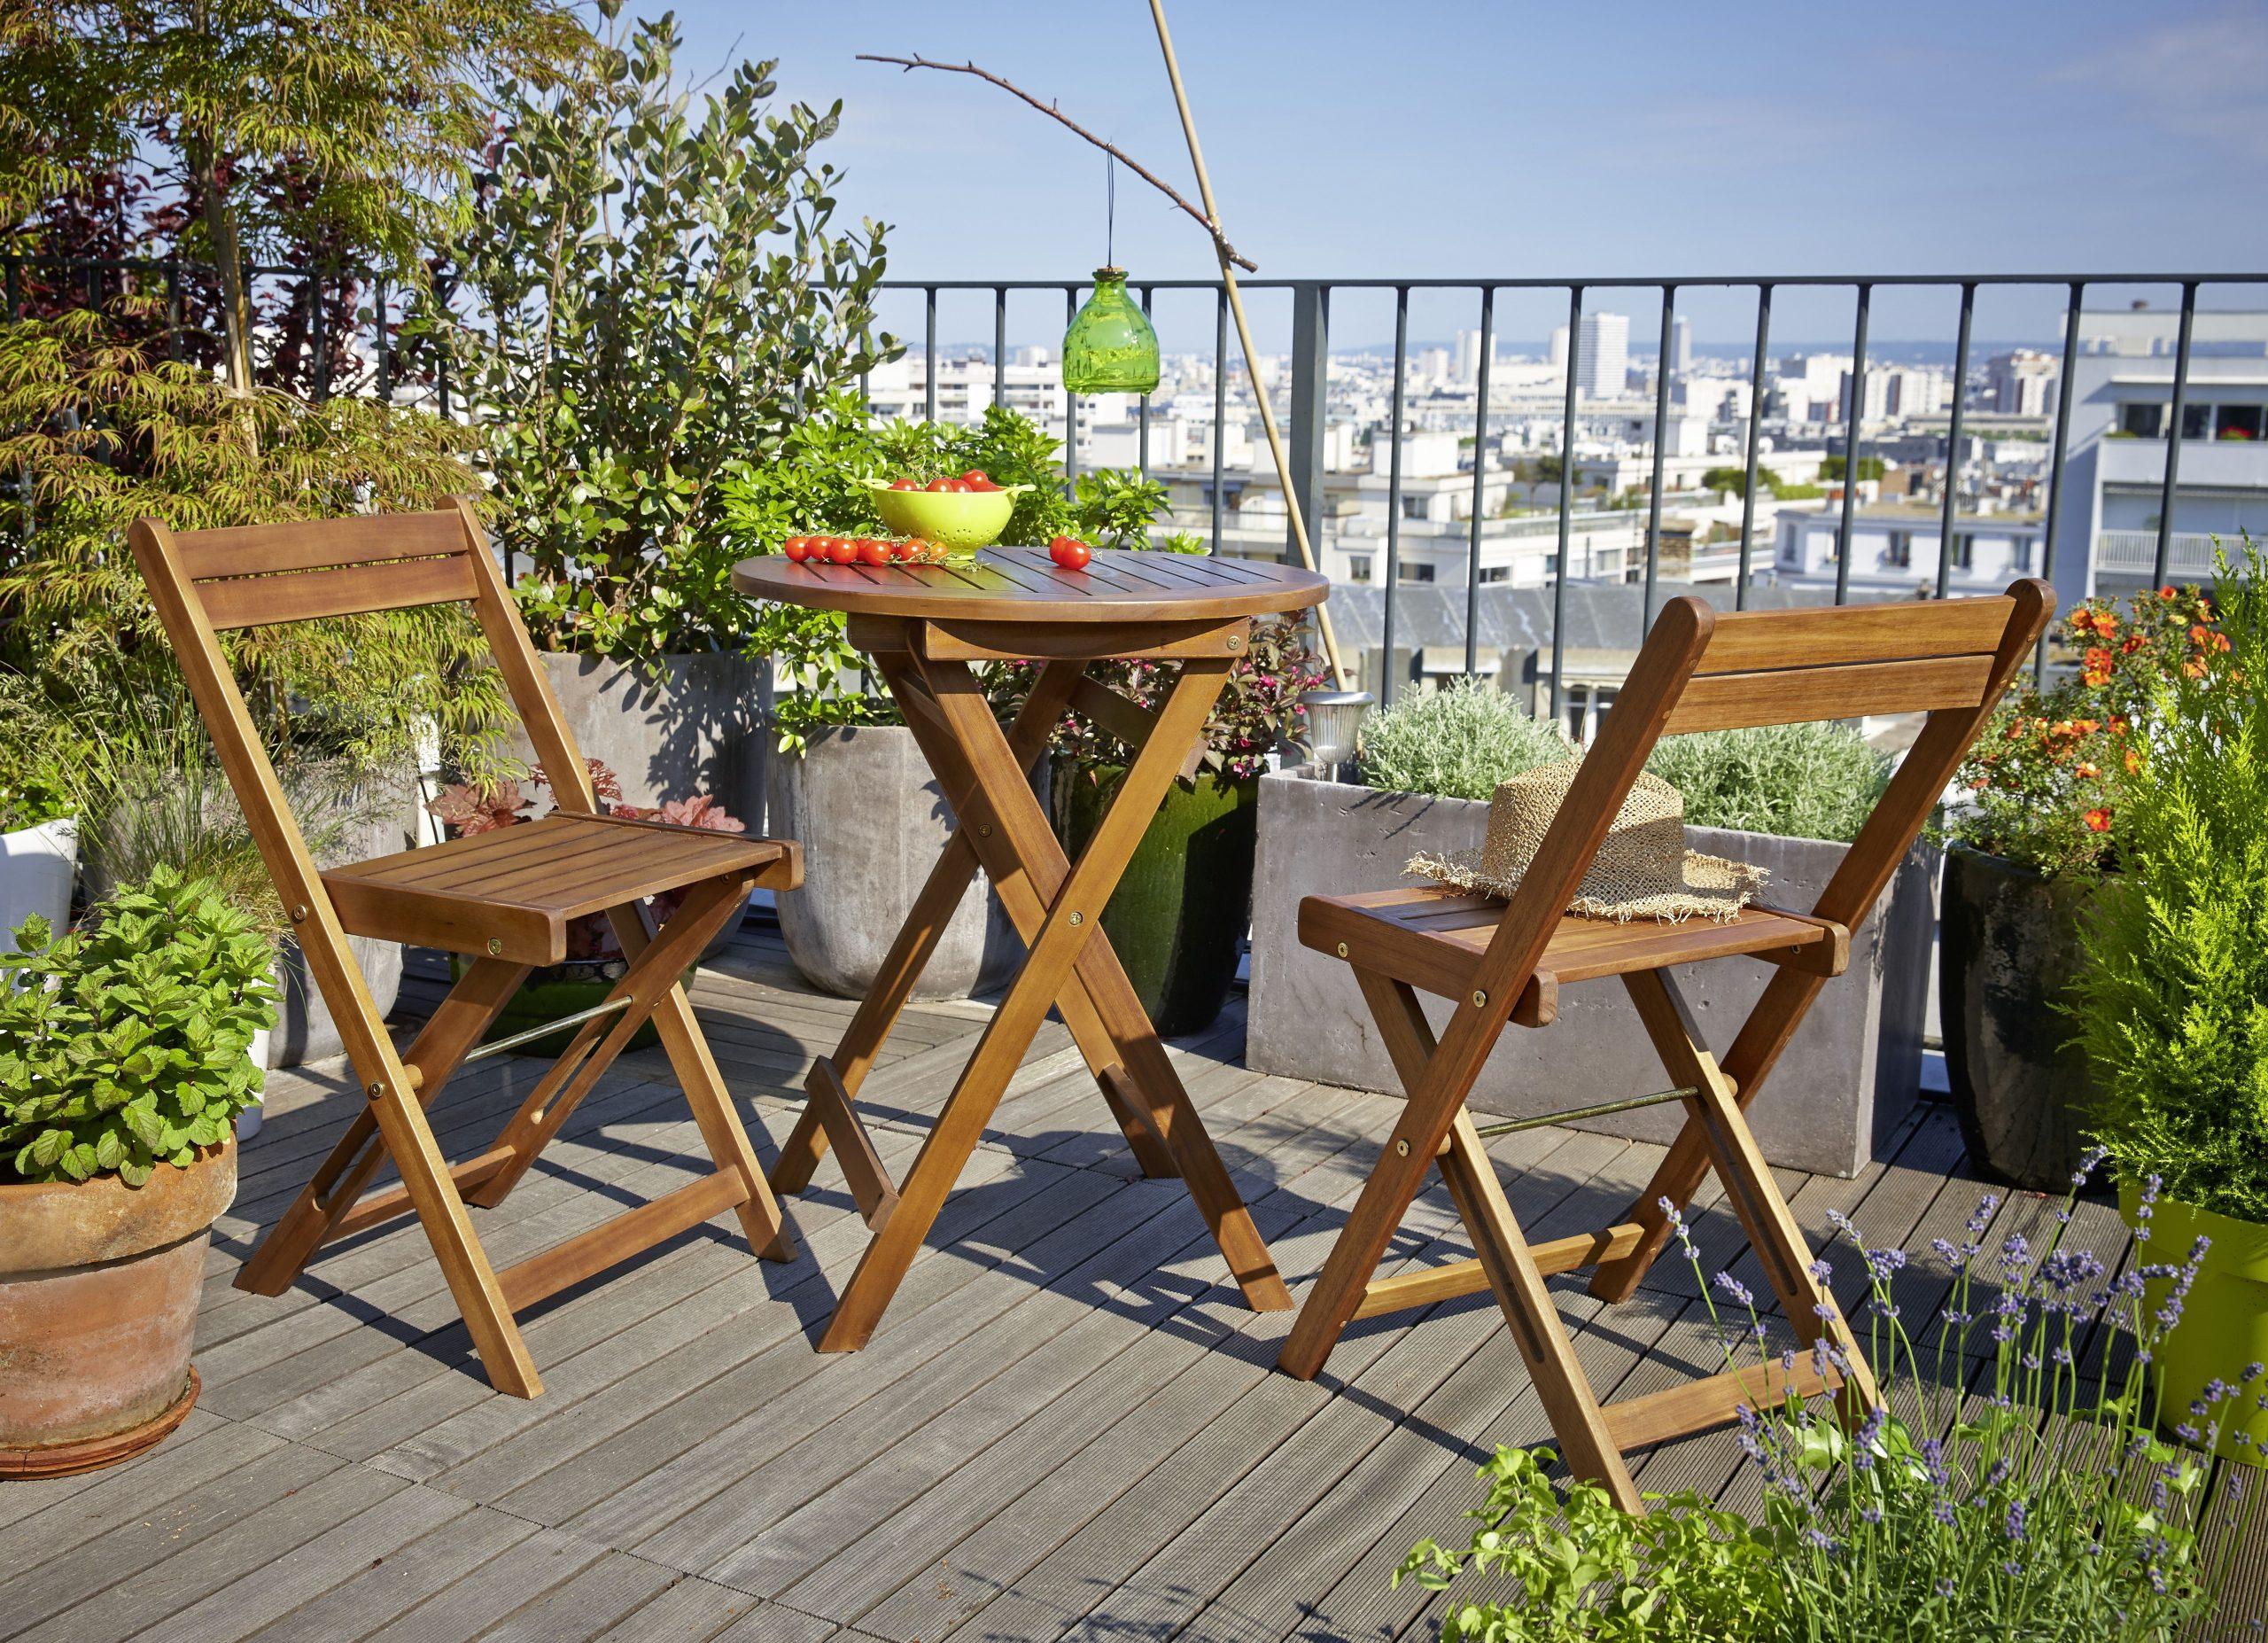 Bien Plus Qu'un Jardin | Mobilier Jardin, Table Ronde ... tout Table De Jardin Magasin Leclerc